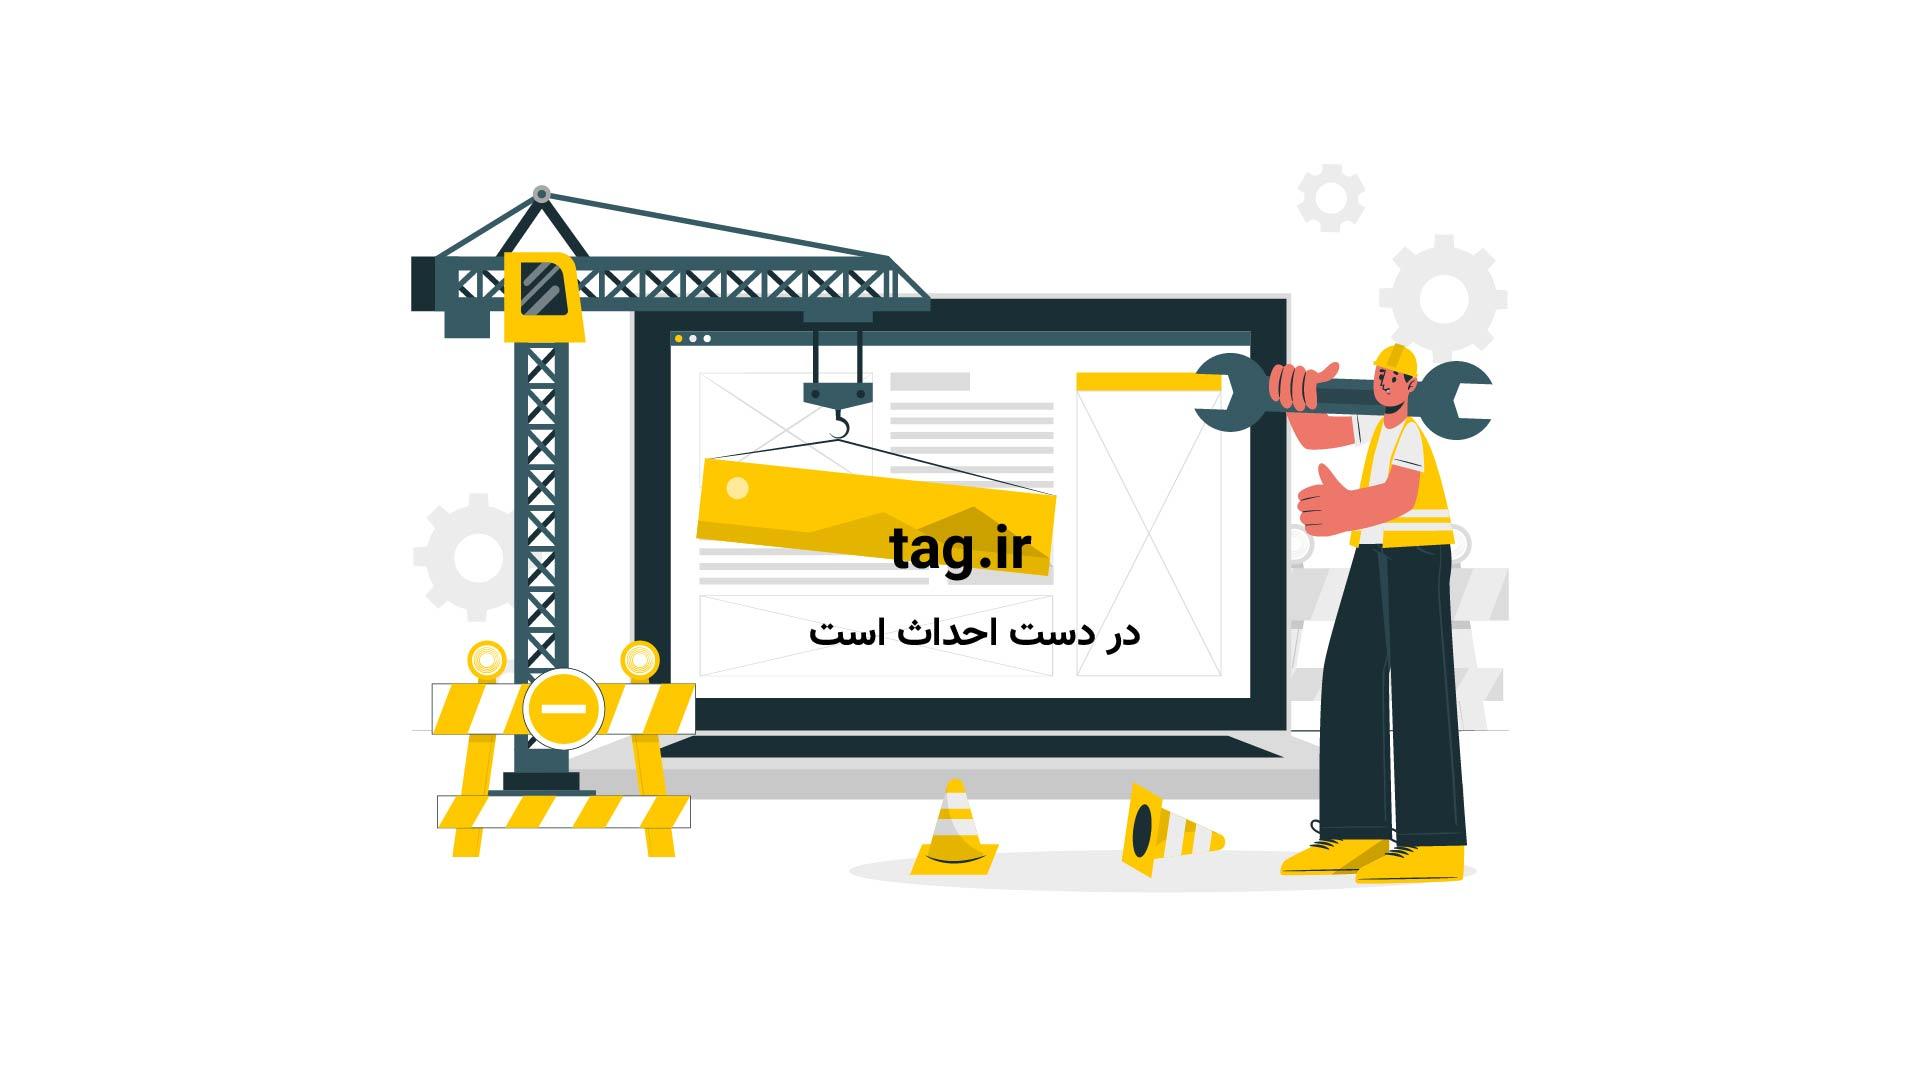 3 تا از بهترین تبلیغات خودرو با گربه | فیلم